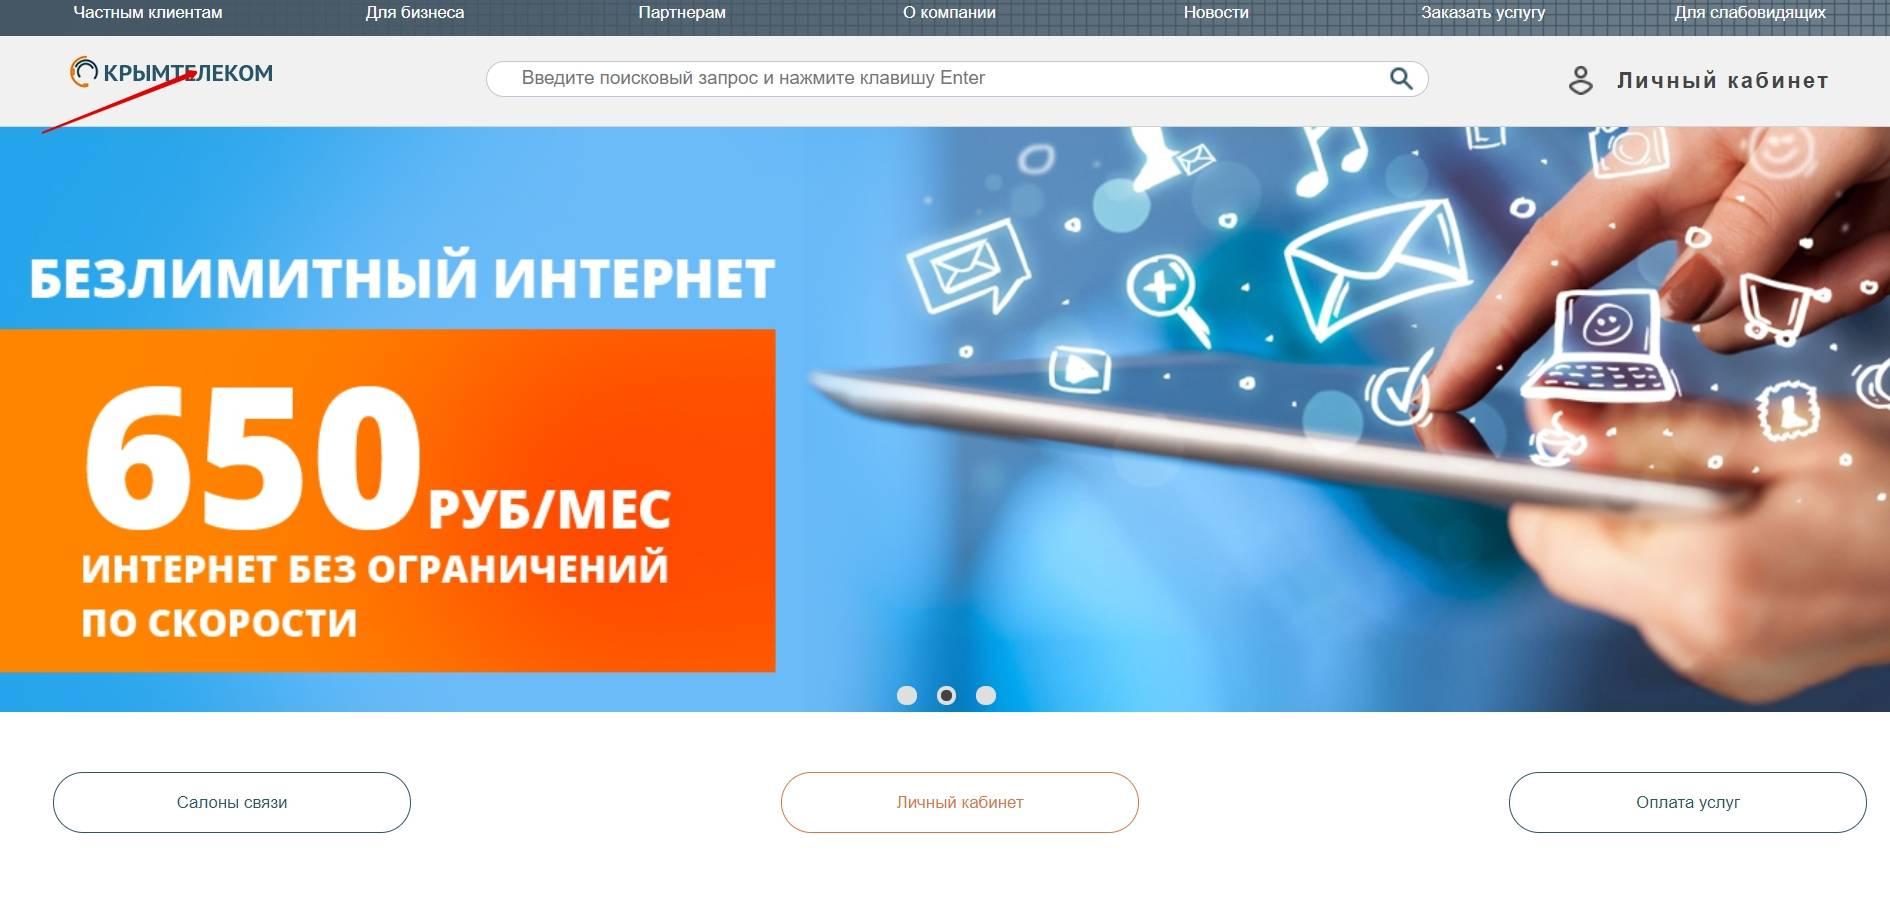 ГУП-РК-Крымтелеком-официальный-сайт.jpg